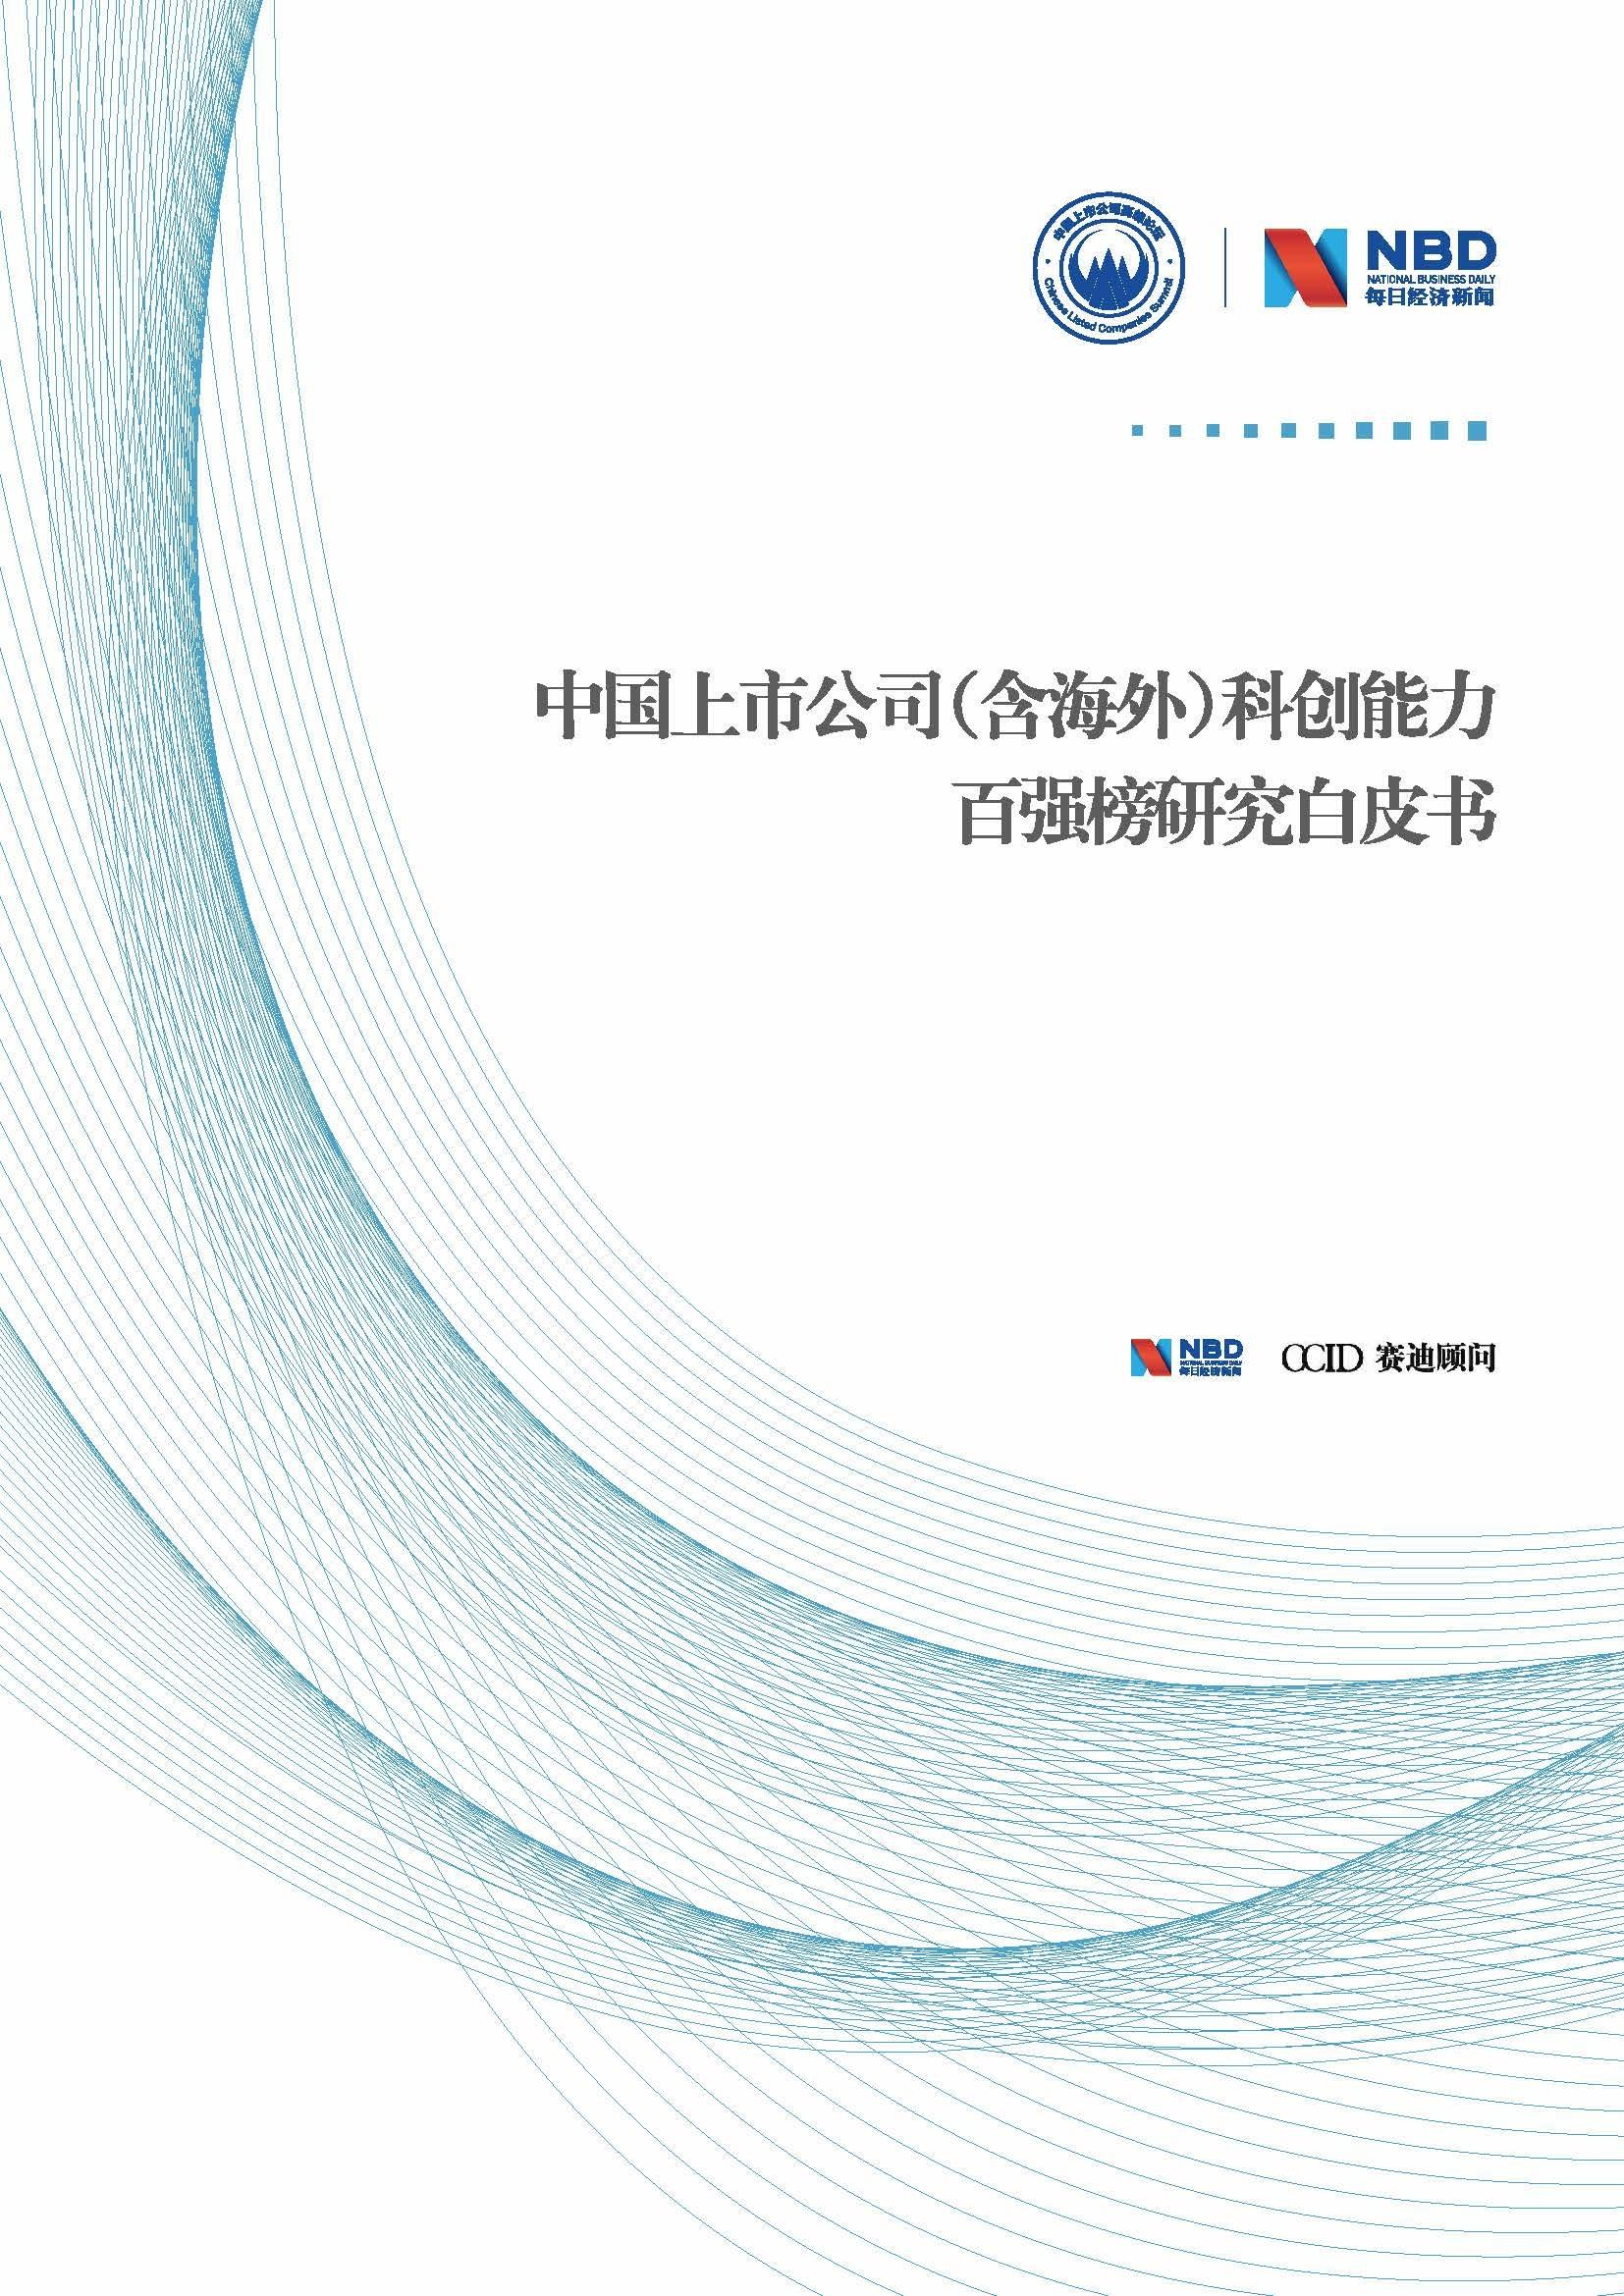 上市公司(含海外)科创能力百强榜研究白皮书